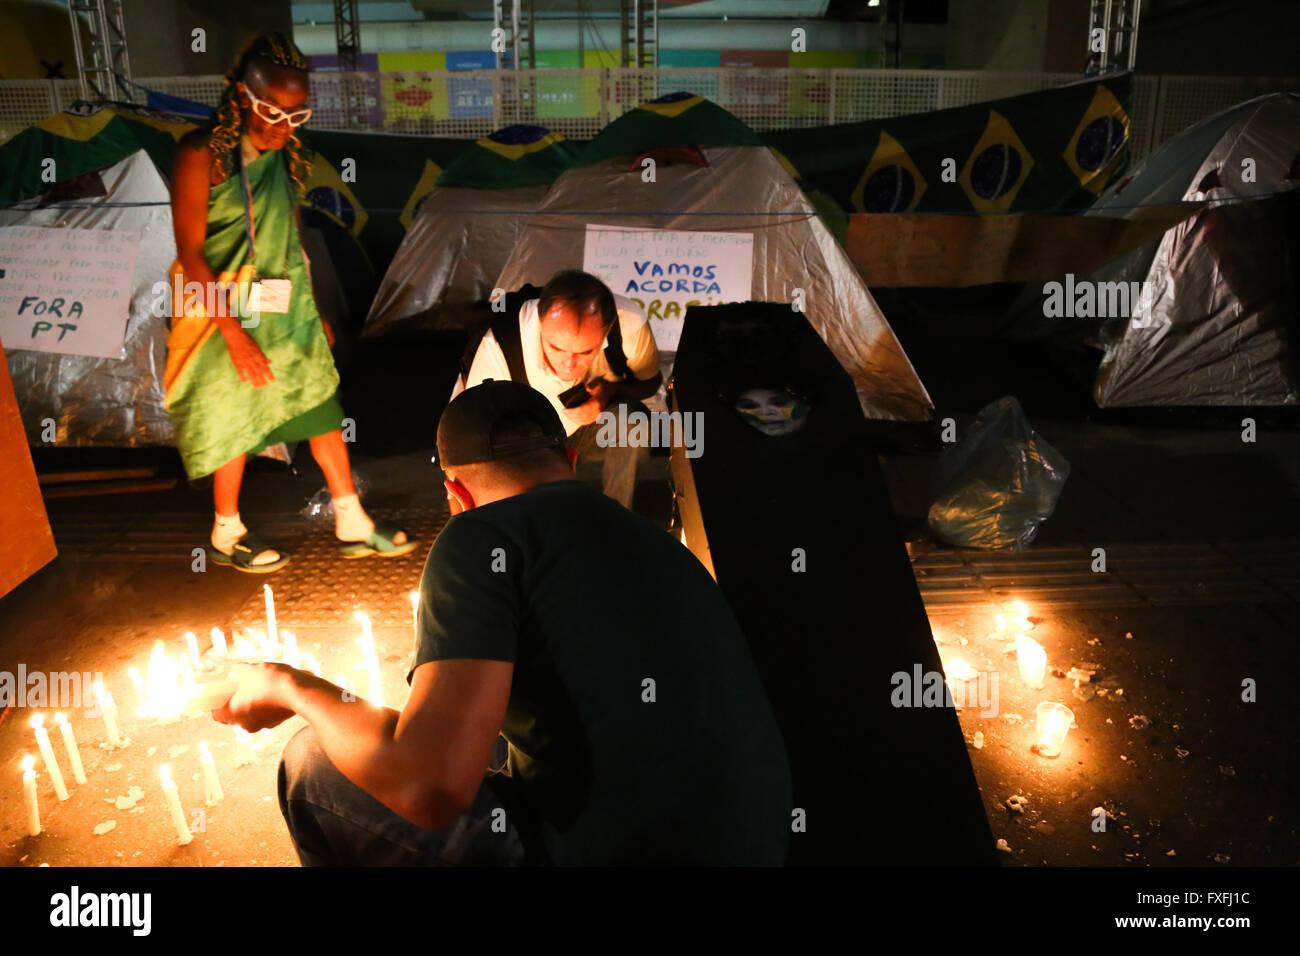 Sao Paulo, Brazil. 14th April, 2016. PRO-impeachment VIGIL - Protesters Pro-Impeachment held for the second consecutive Stock Photo